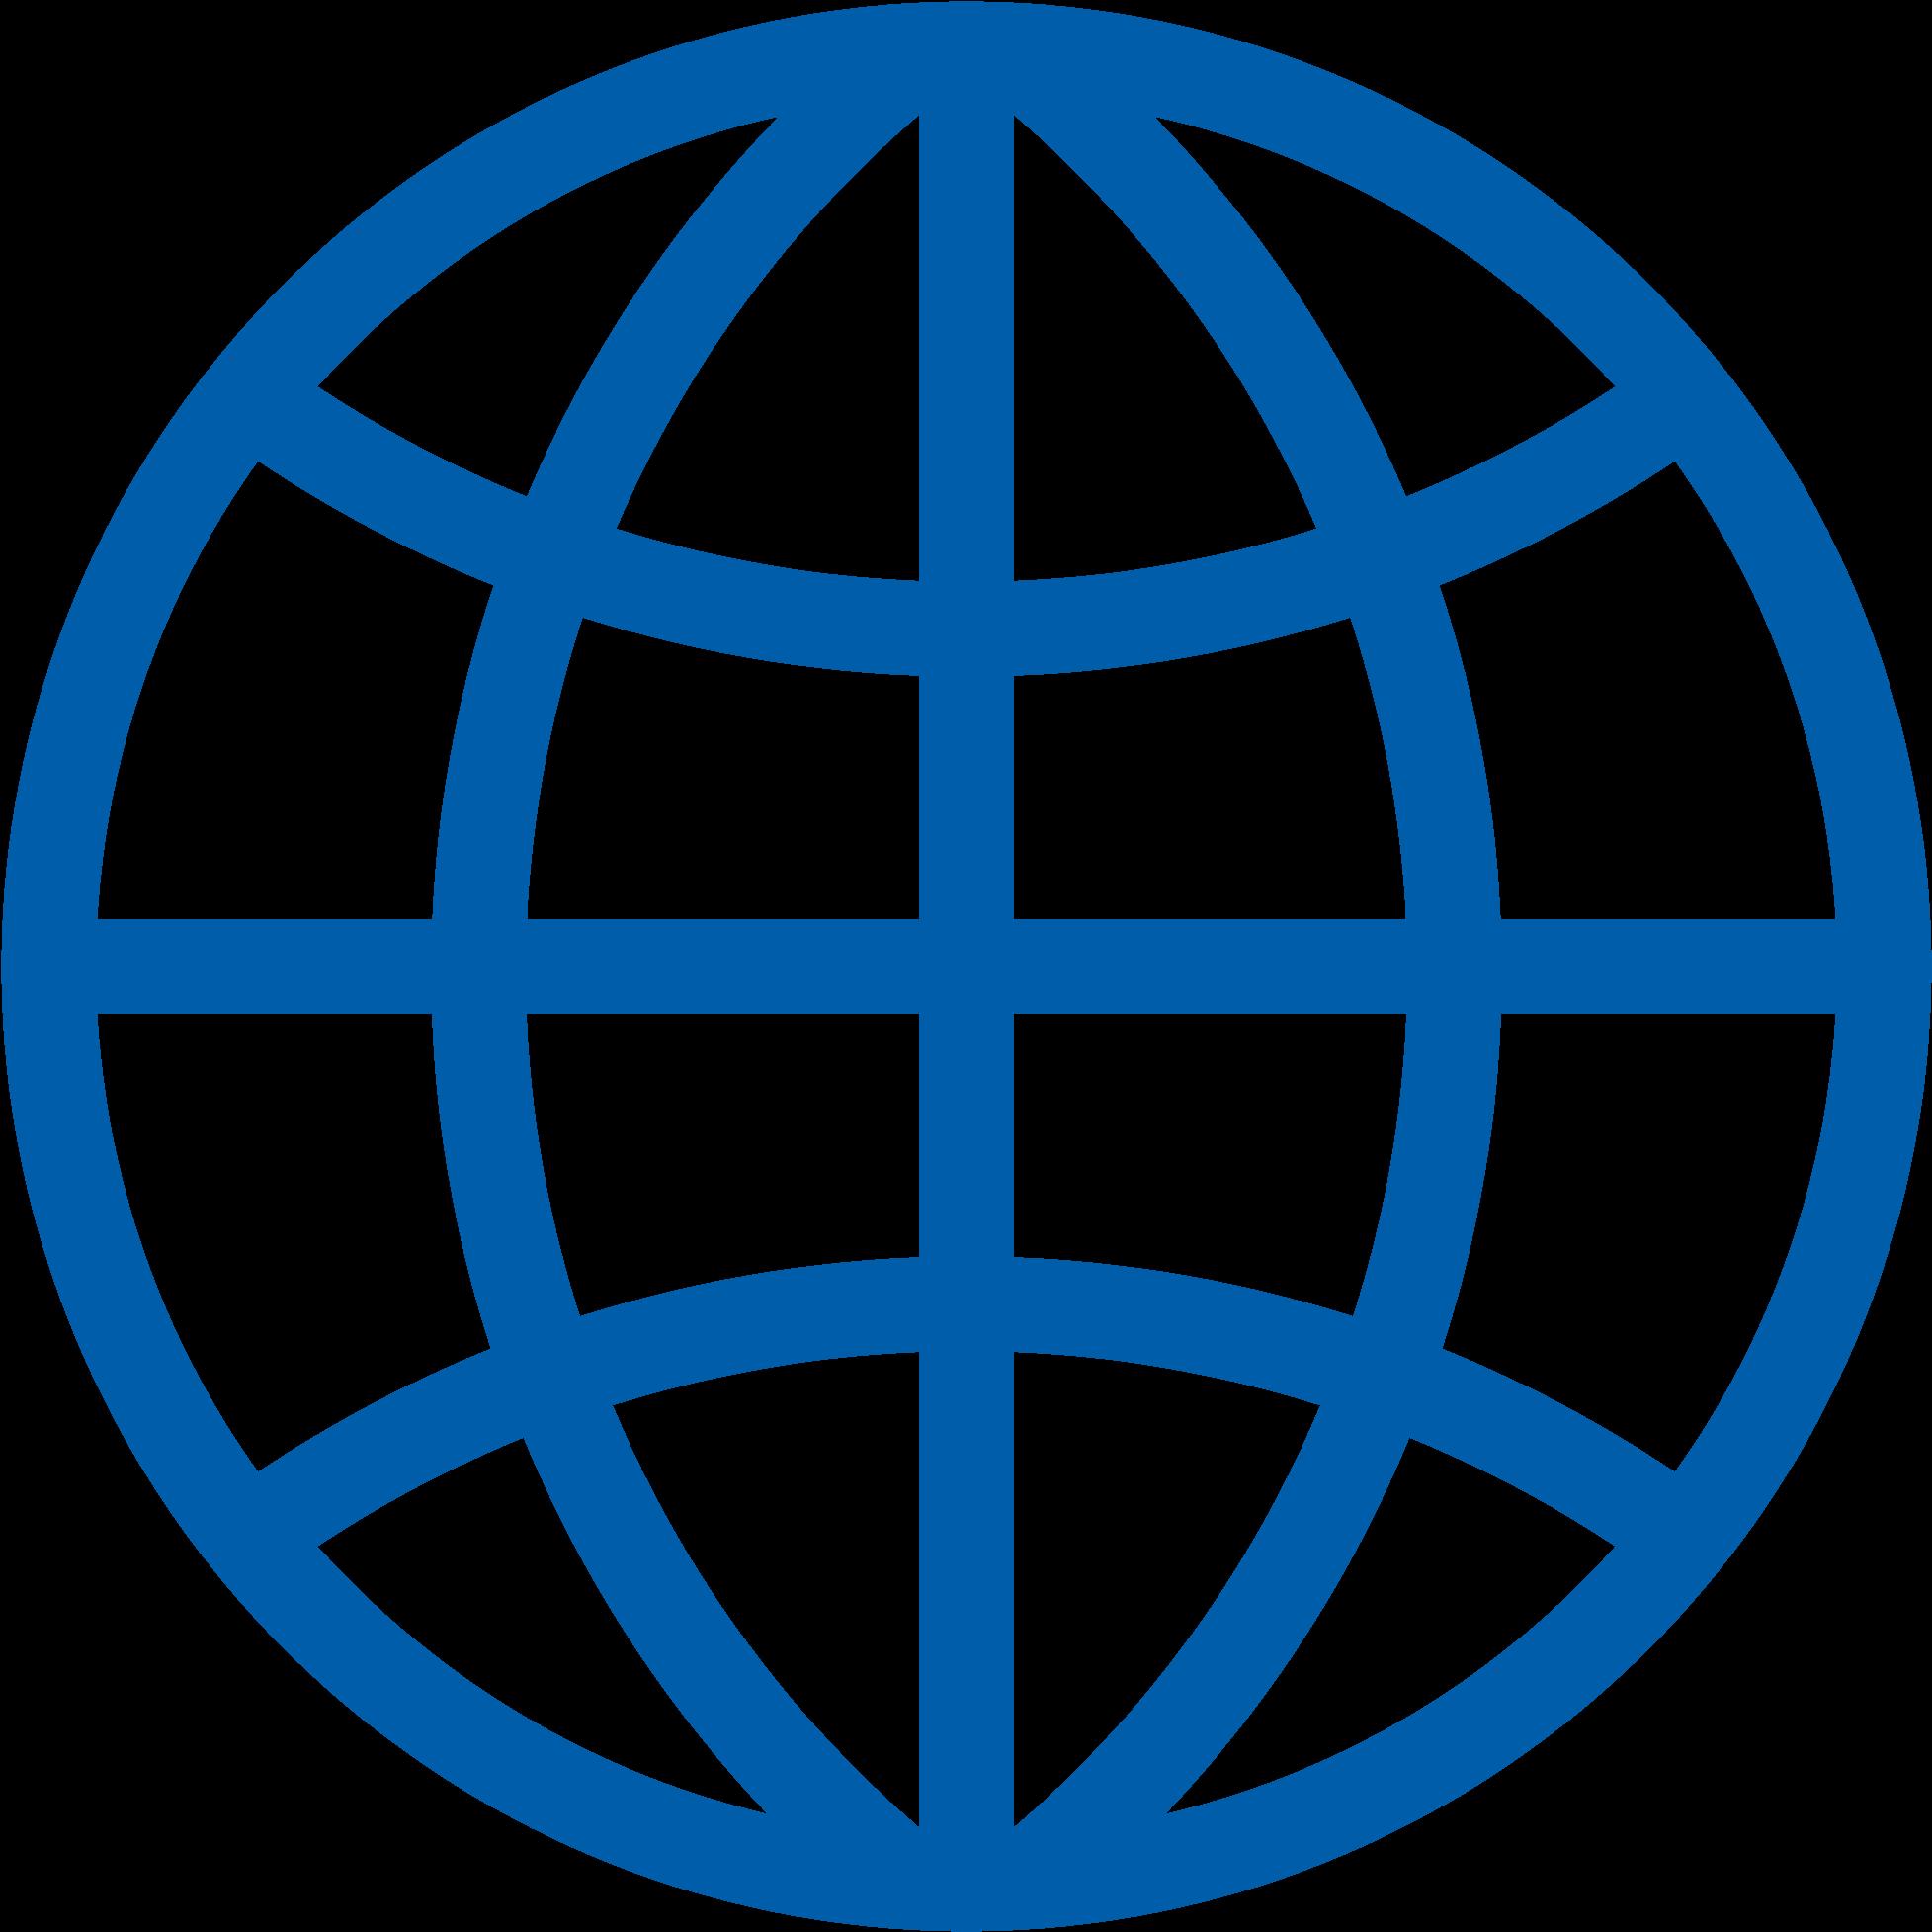 Resultado de imagen para web logo png